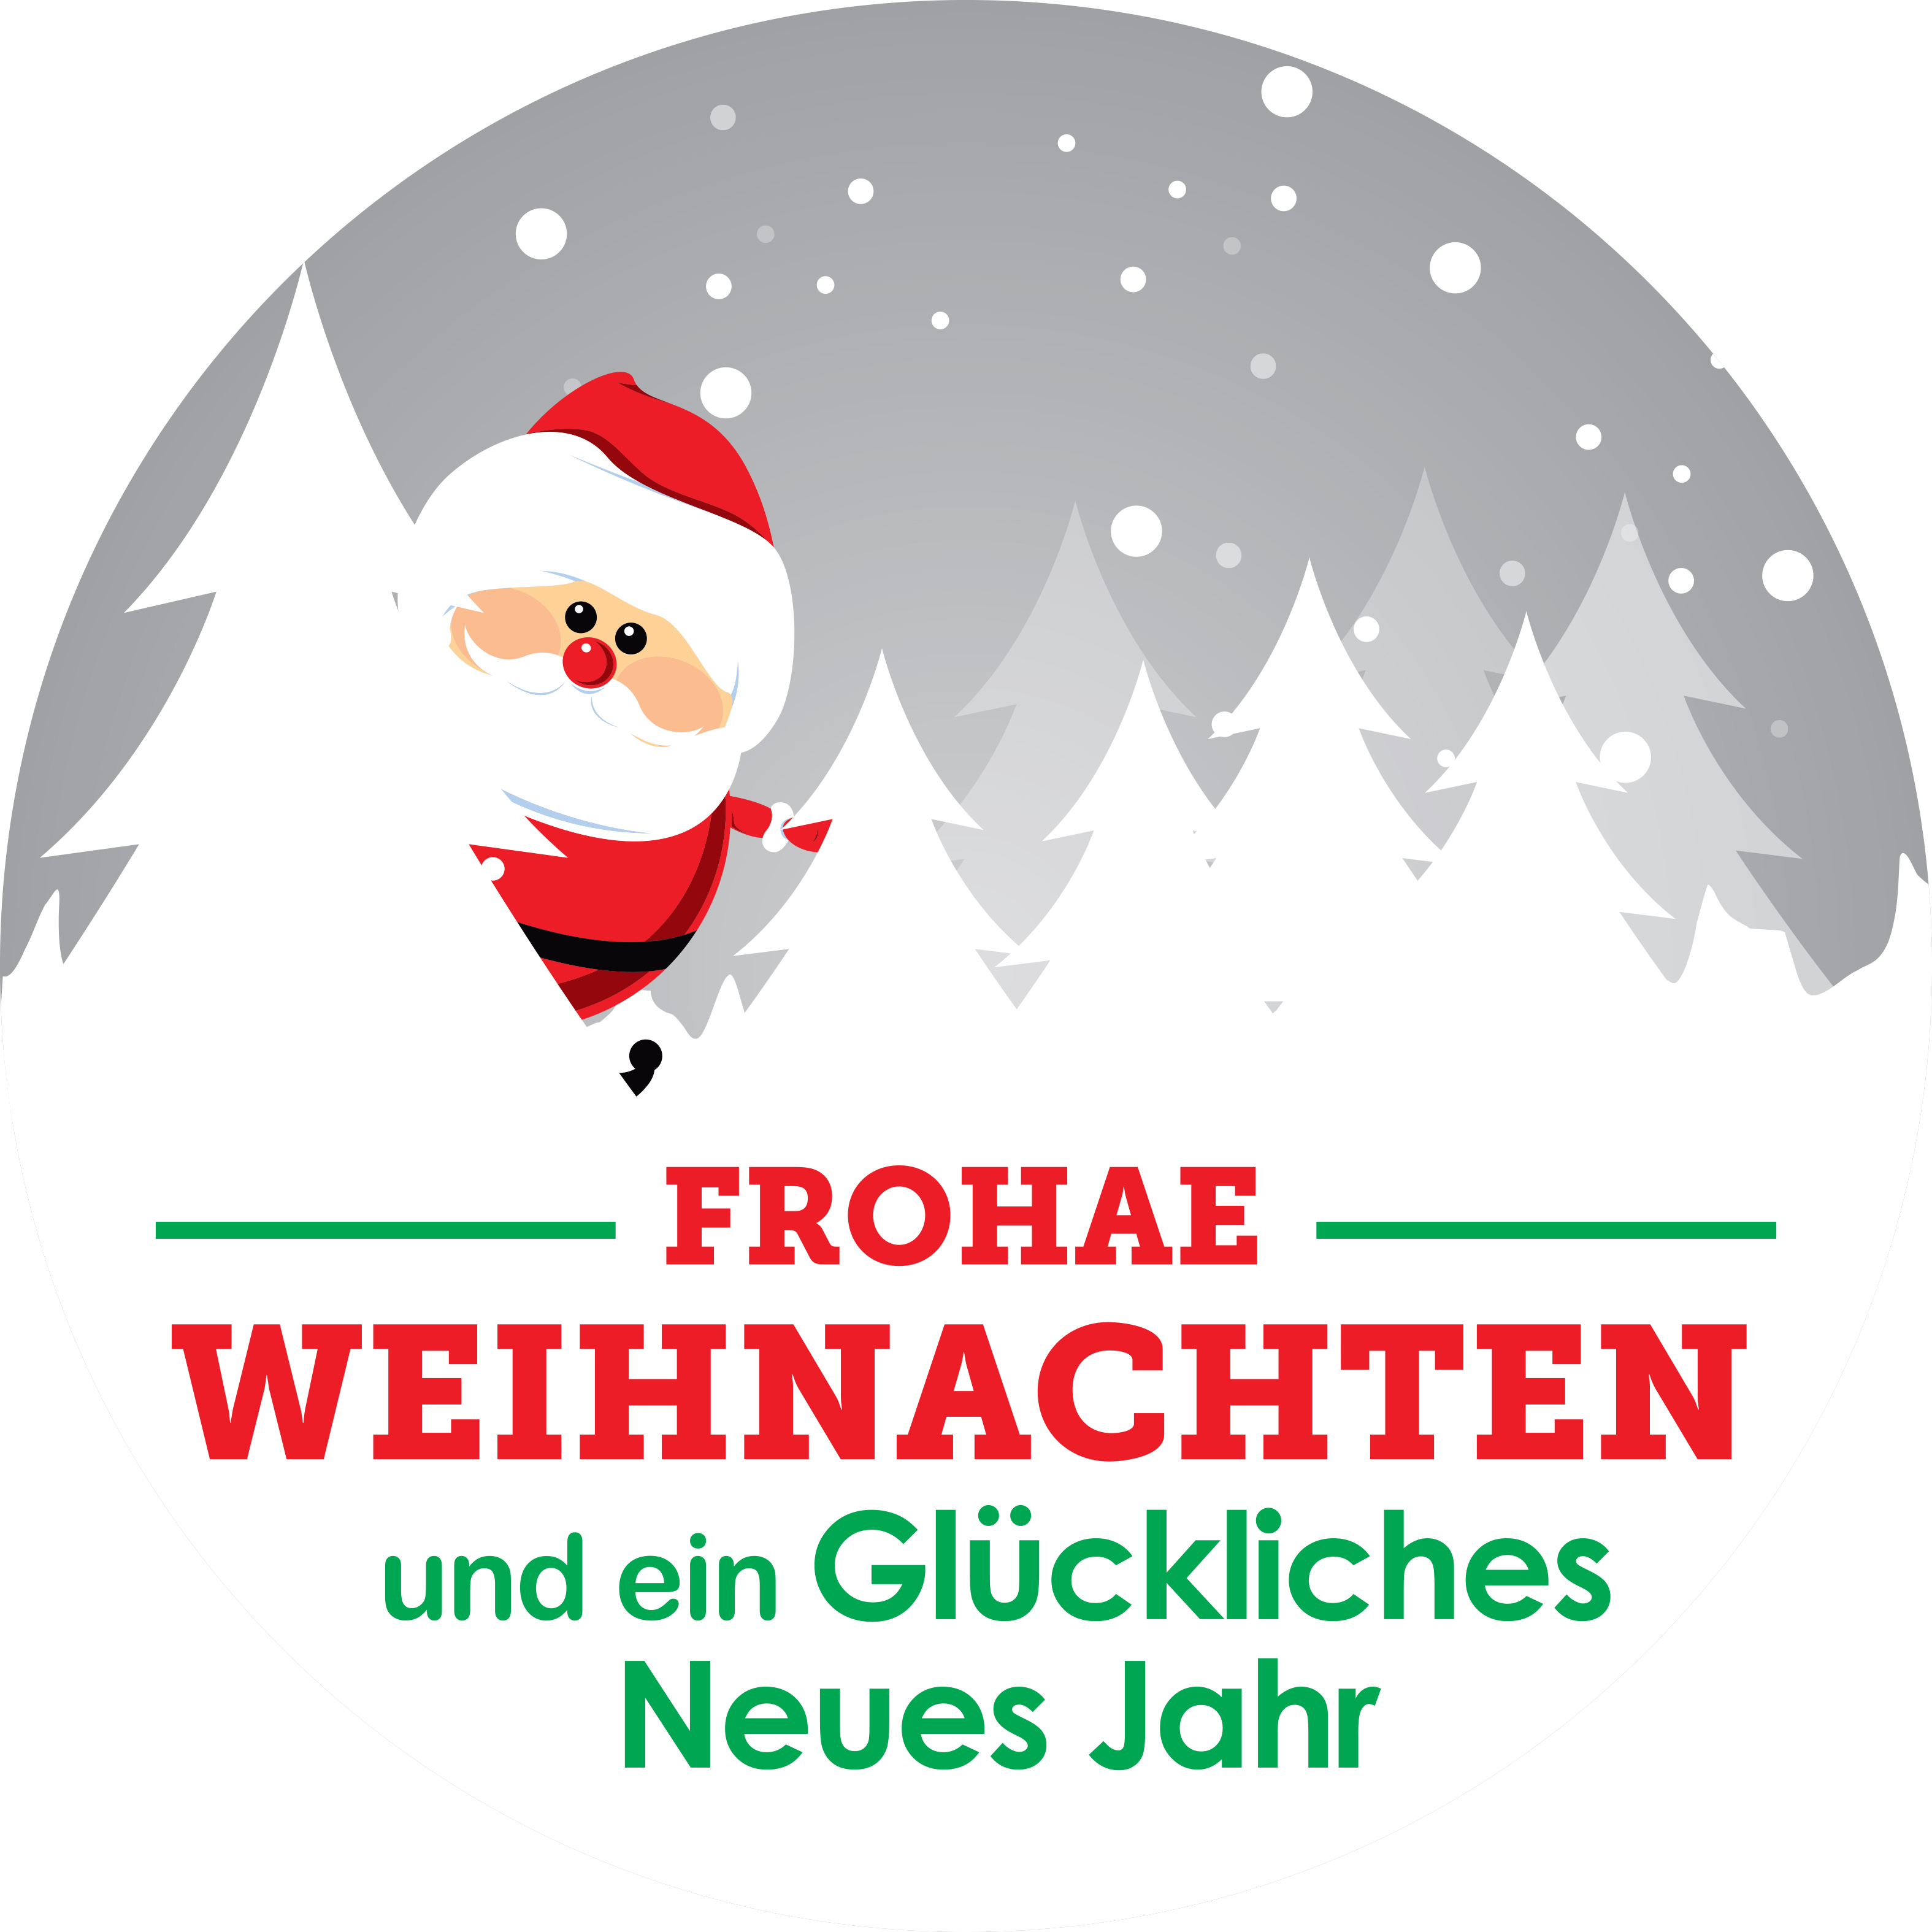 Groß Weihnachten Etiketten Fotos - Weihnachtsbilder - cloudsafeguard ...